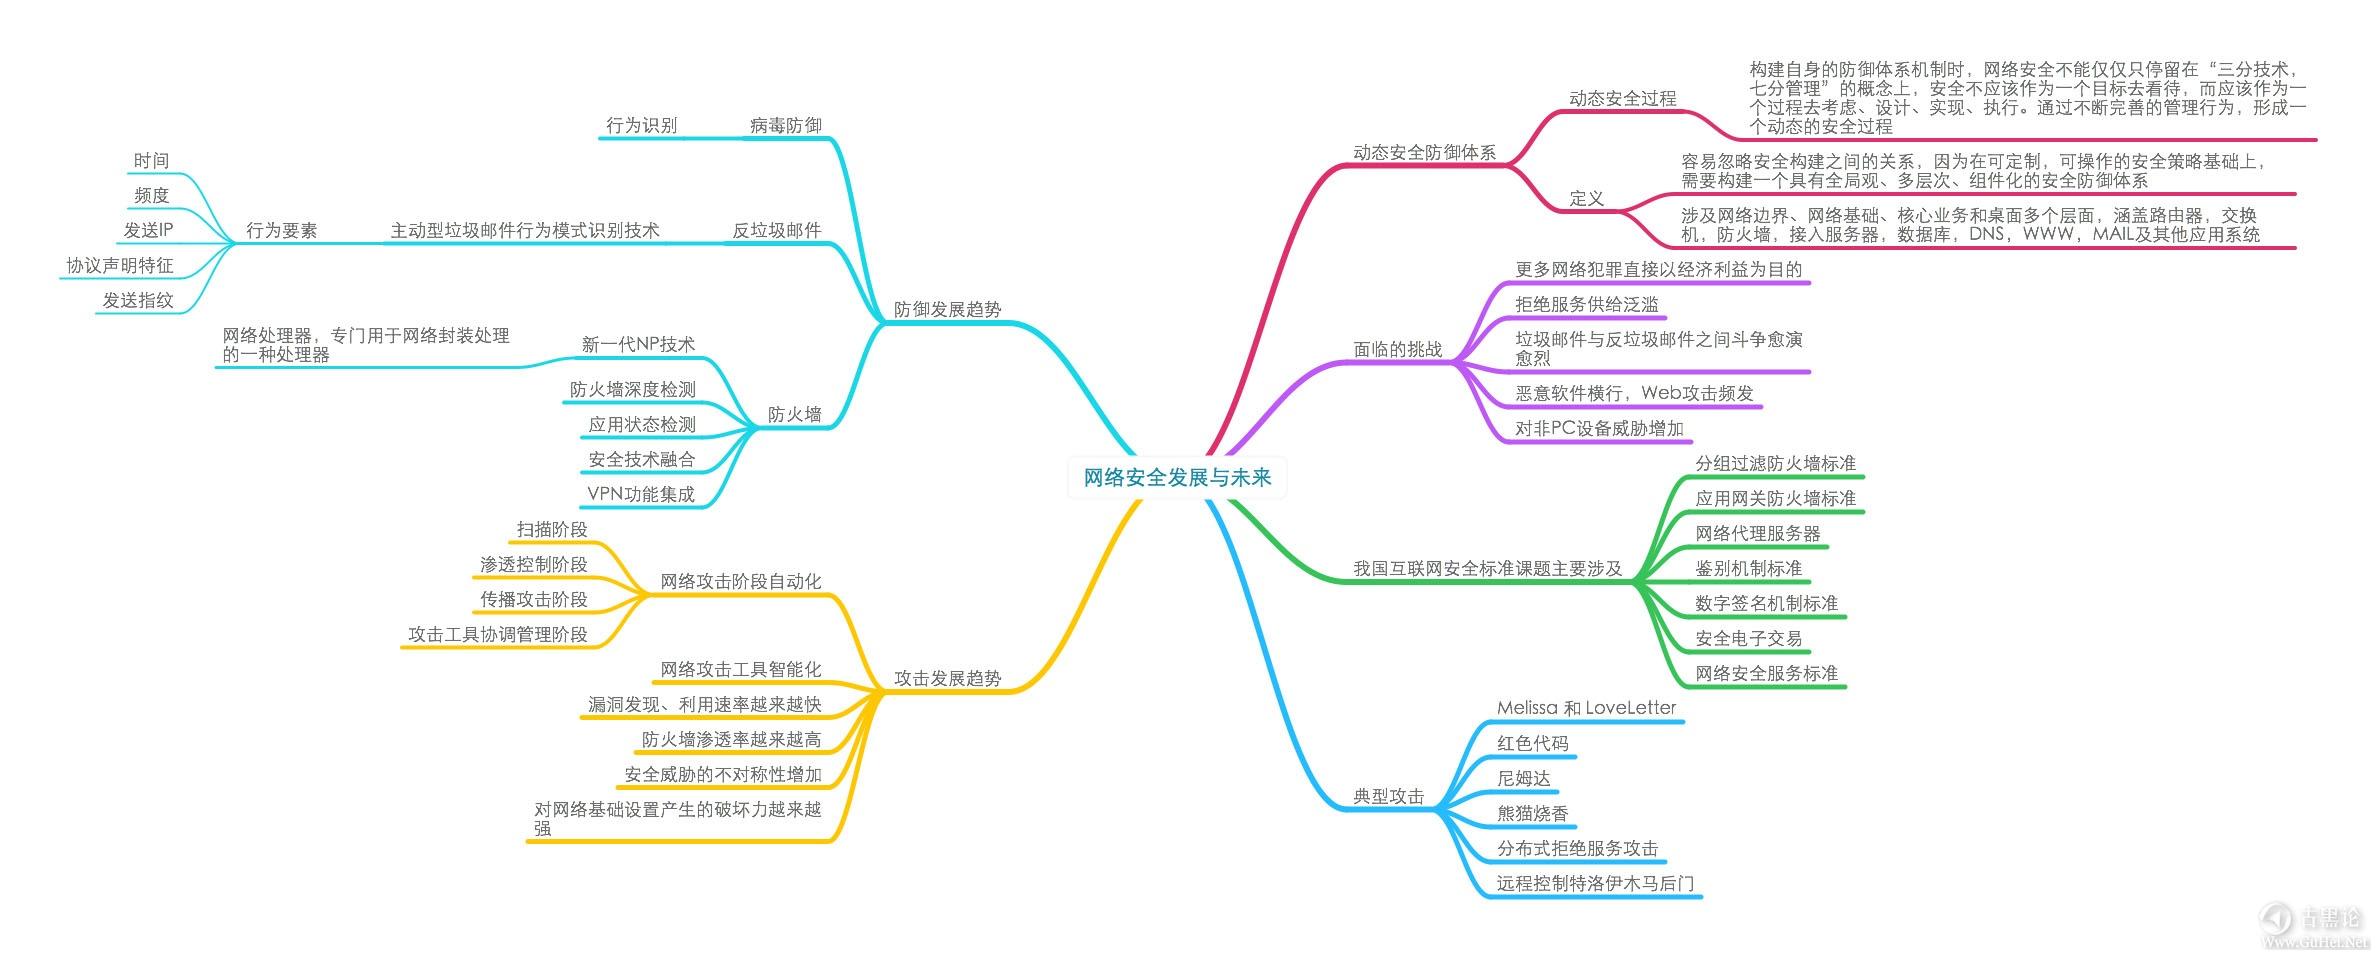 网络安全学习导图(图片约6M) 11-网络安全发展与未来.jpg